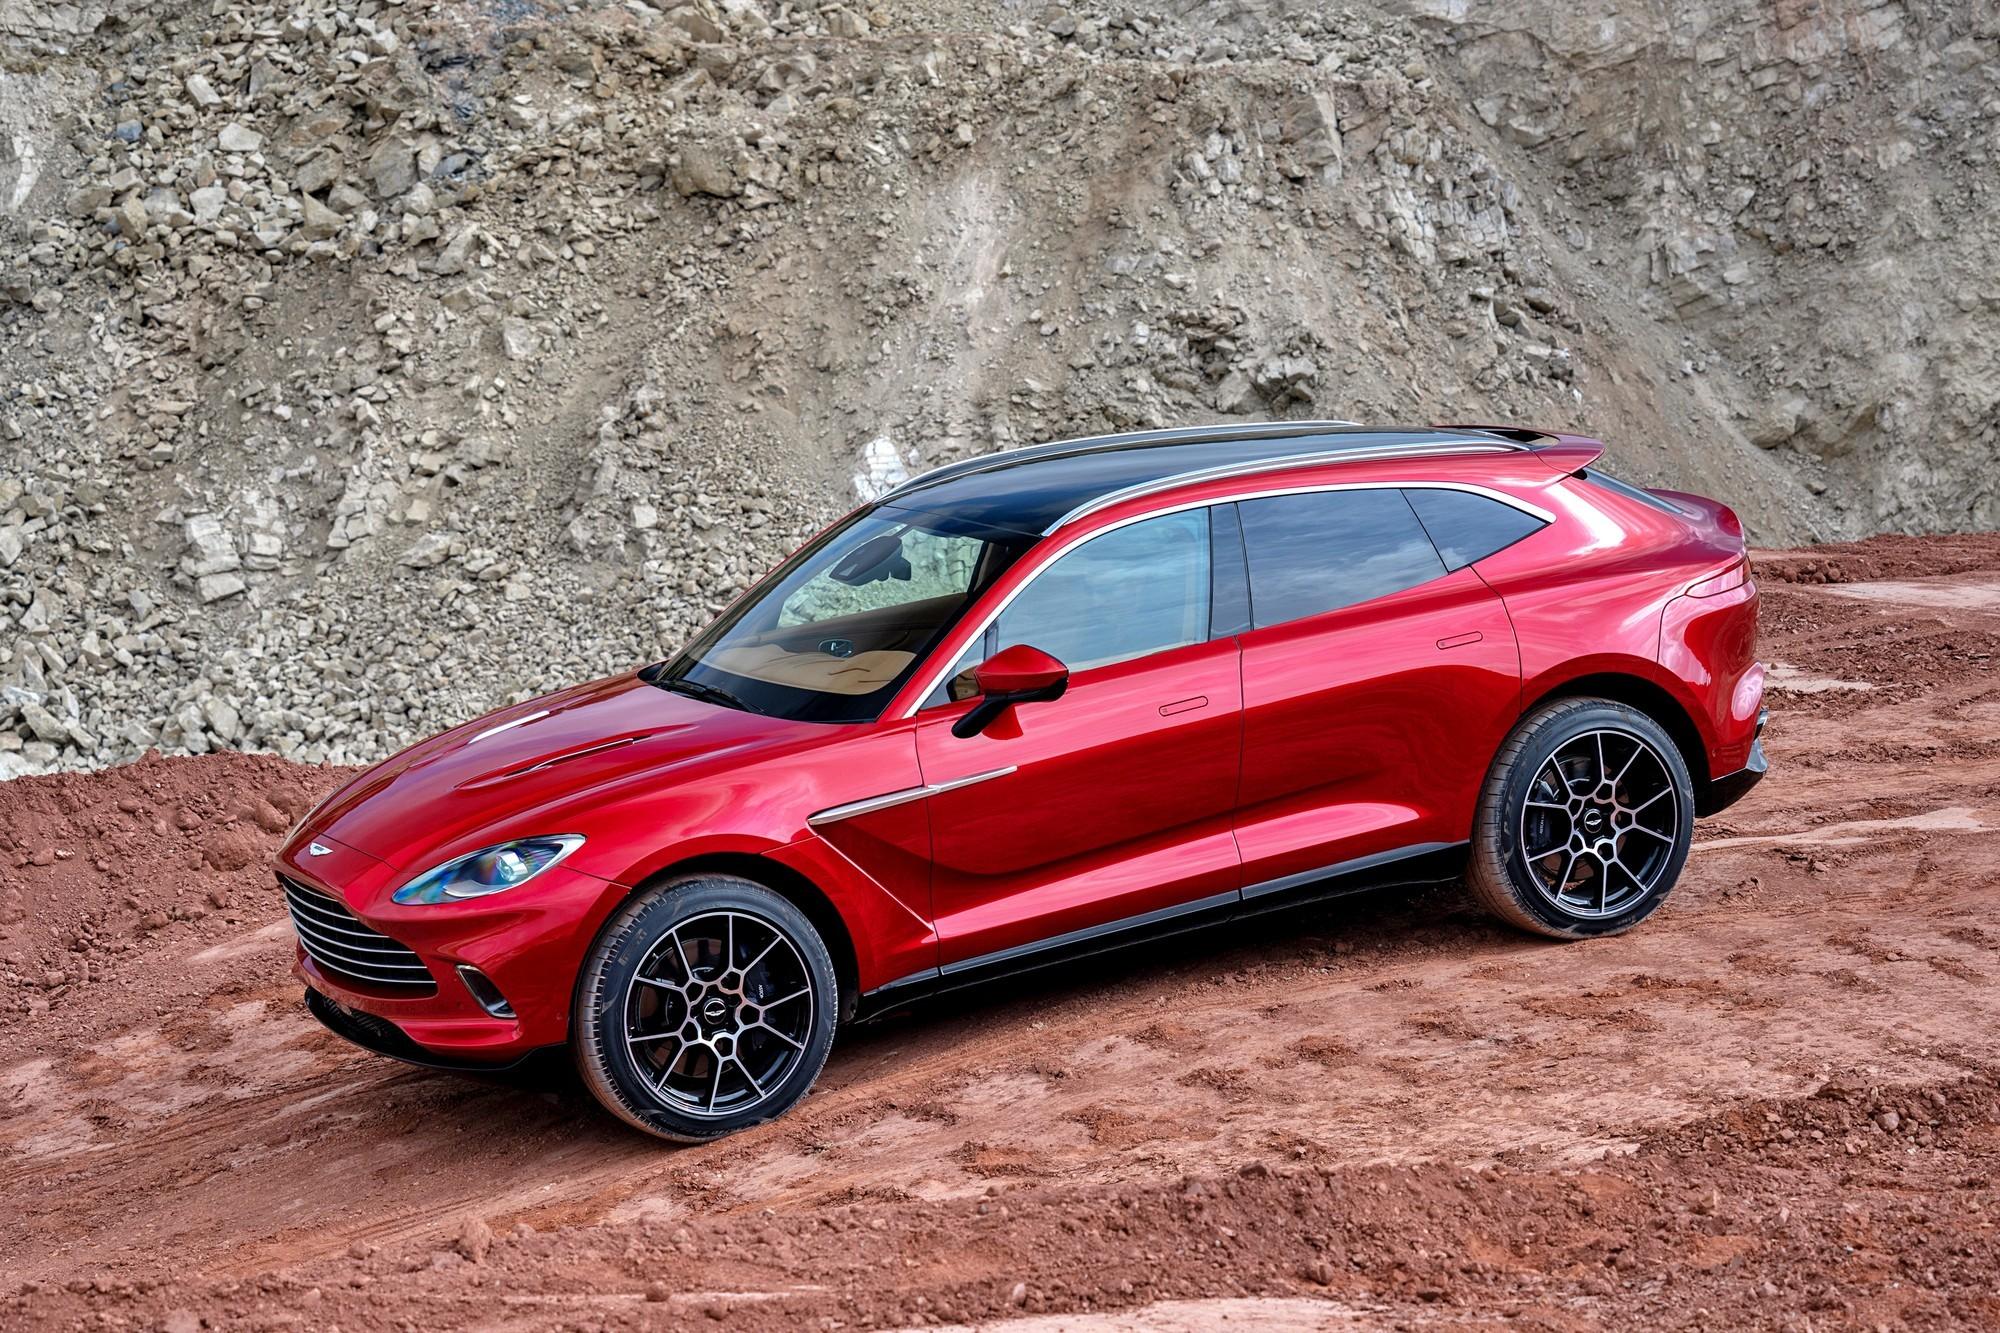 Планы Aston Martin: два электрокара, увольнение рабочих и сворачивание проекта Lagonda